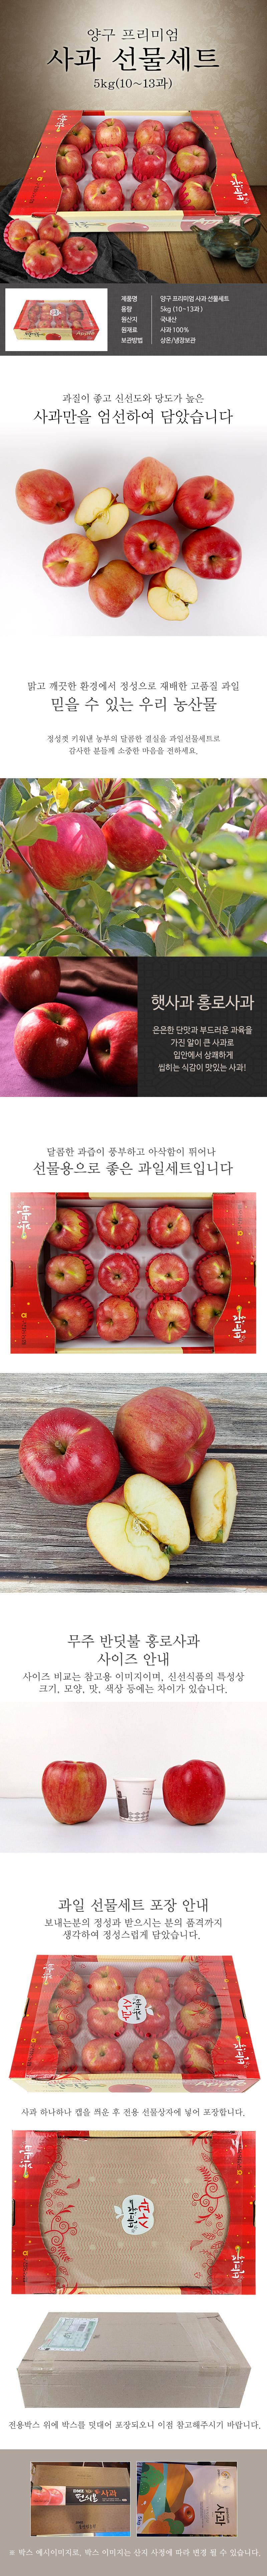 GL_mj_apple.jpg